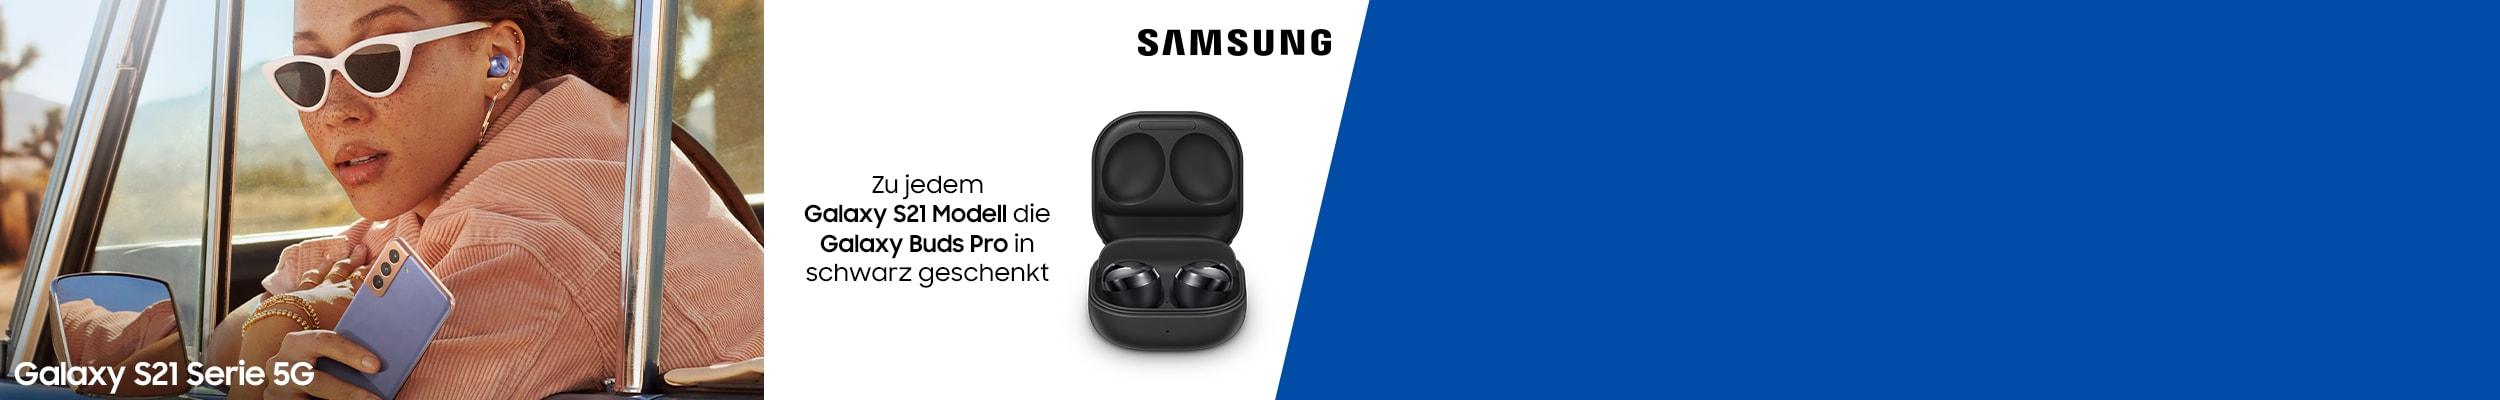 """""""Frau mit Sonnenbrille und Samsung Galaxy S21 in der Hand sowie Galaxy Pro Buds im Auto und Hinweis zur Aktion"""""""